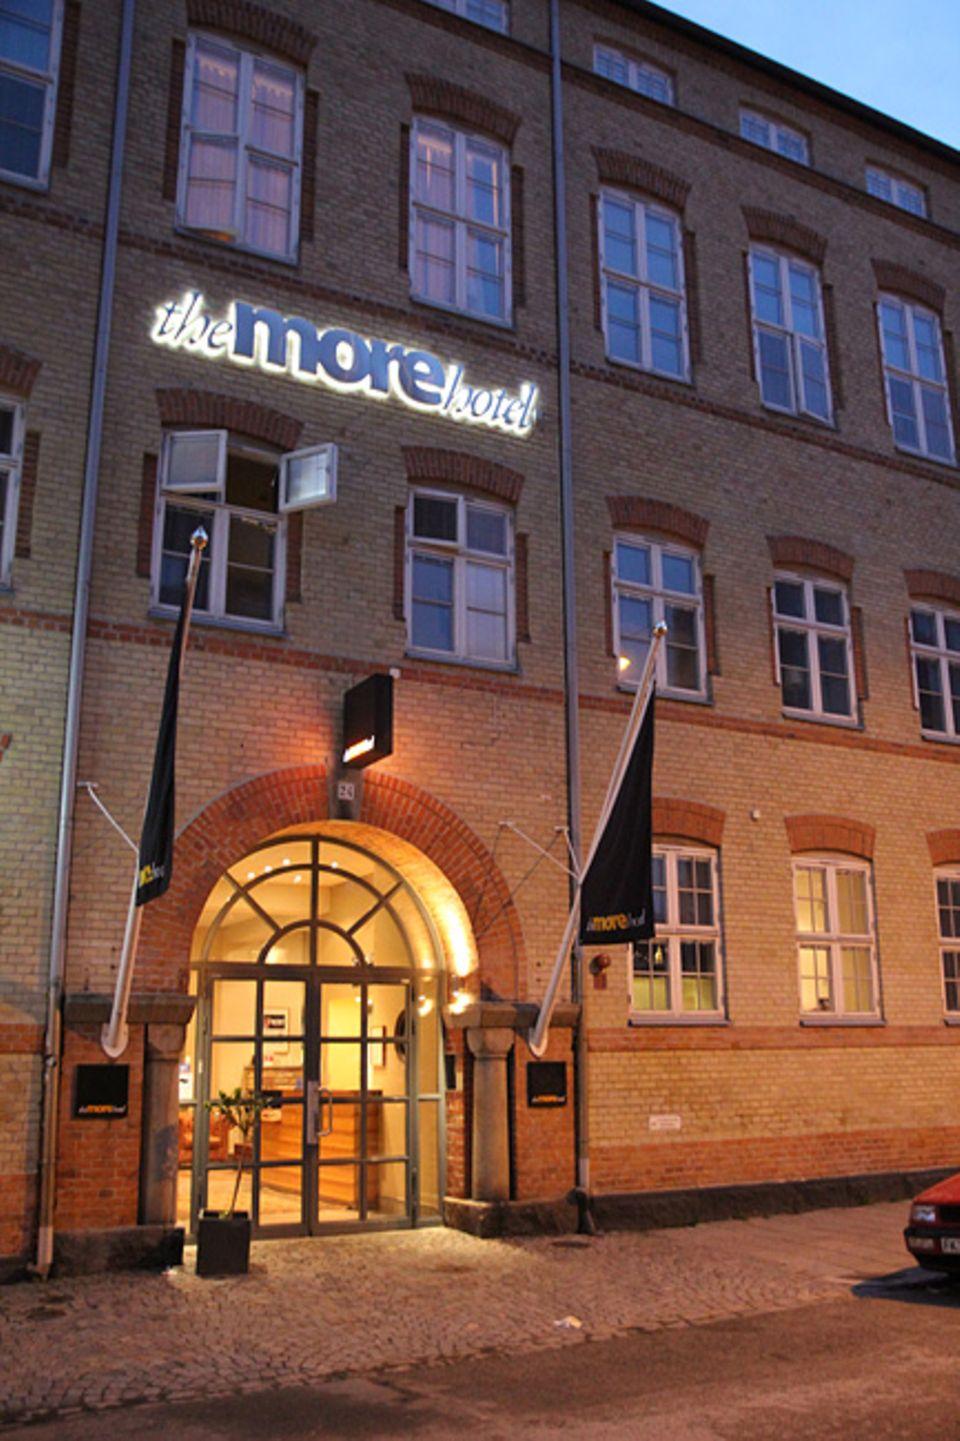 Städteguide: Feine Unterkunft: The More Hotel liegt mitten im In-Viertel Möllevangen